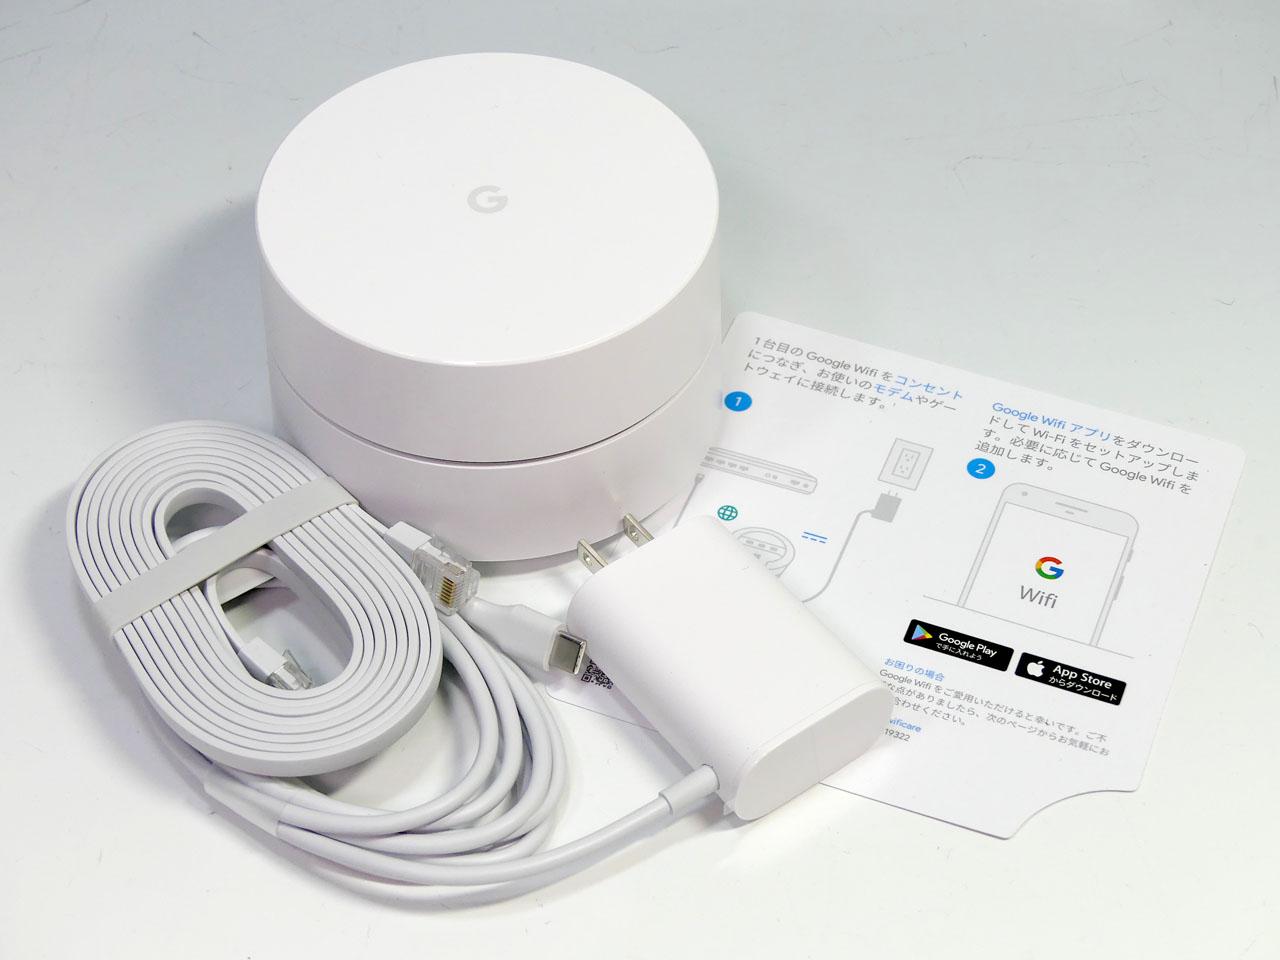 ケーブルと付属品(電源ケーブルは各端末に1つずつ。LANケーブルはシステム全体で1本)